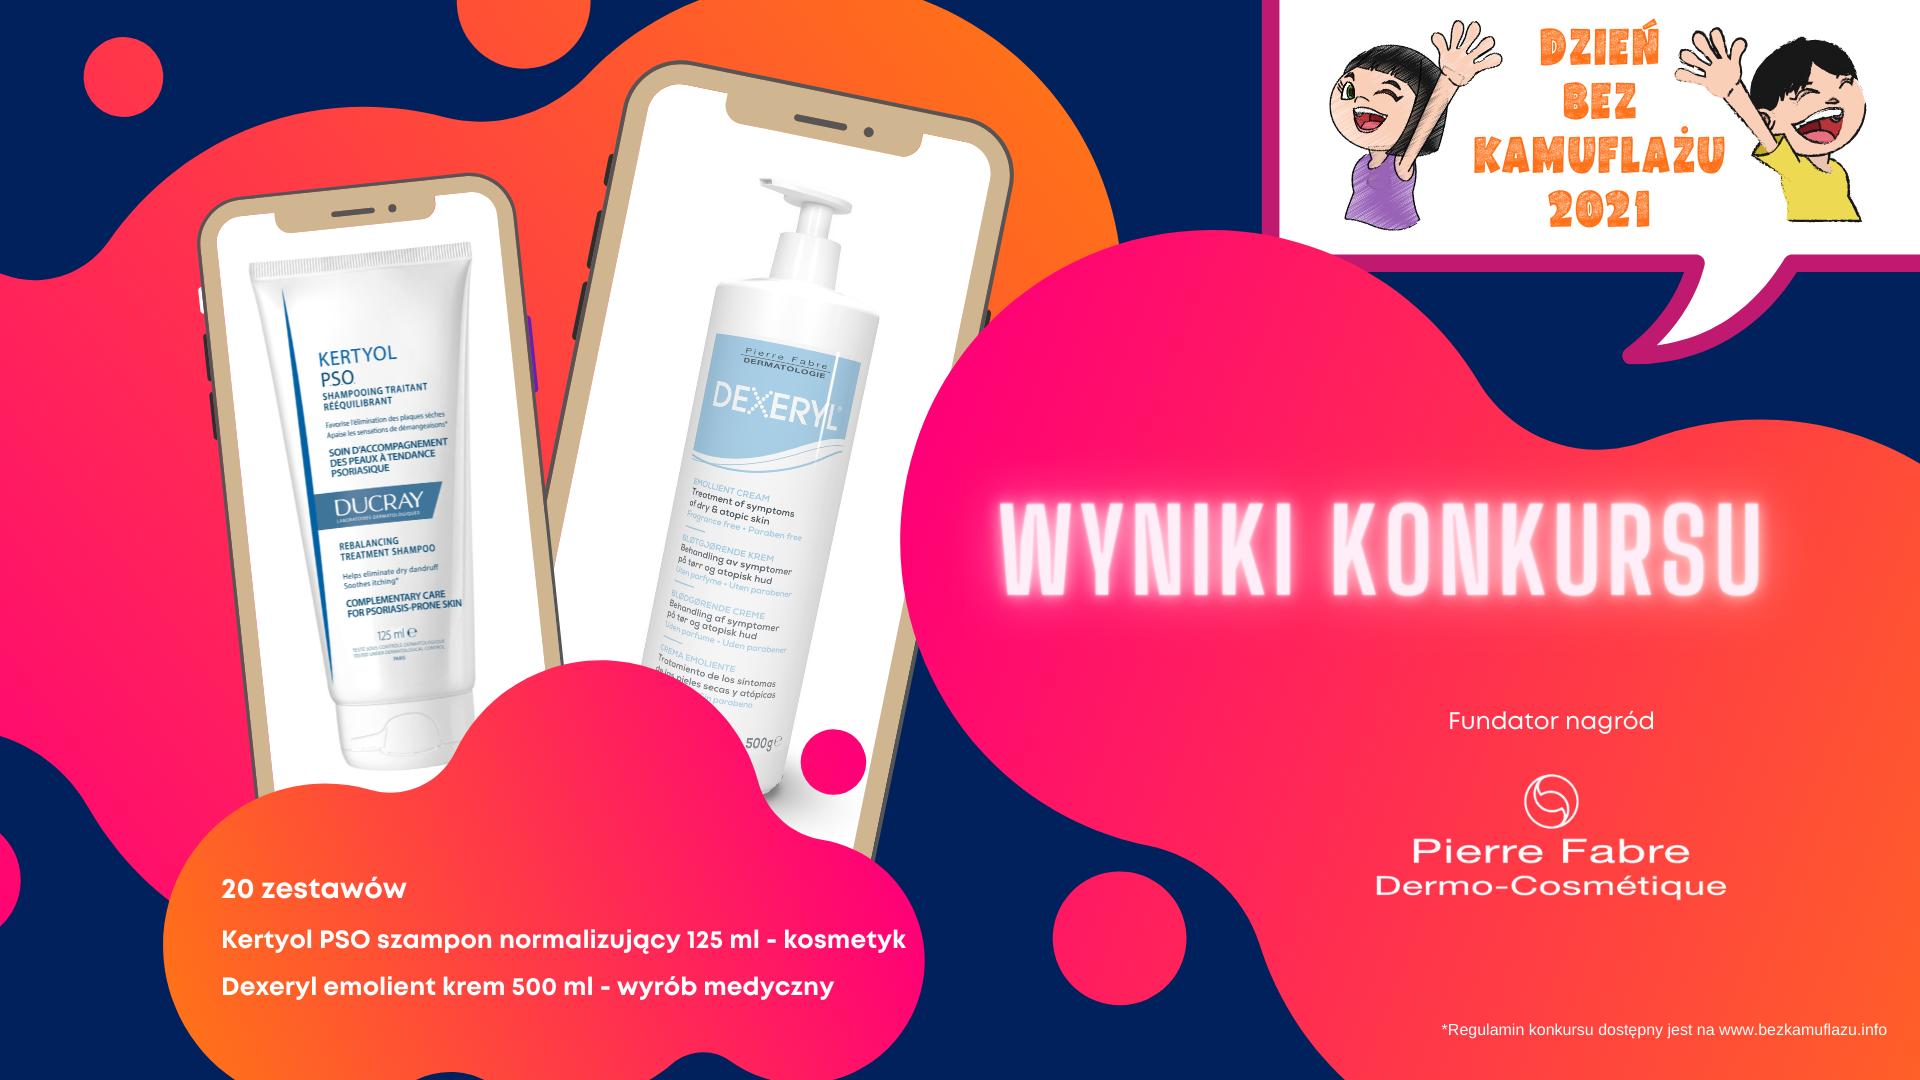 tydzien-bez-kamuflazu-konkurs-wyniki-str